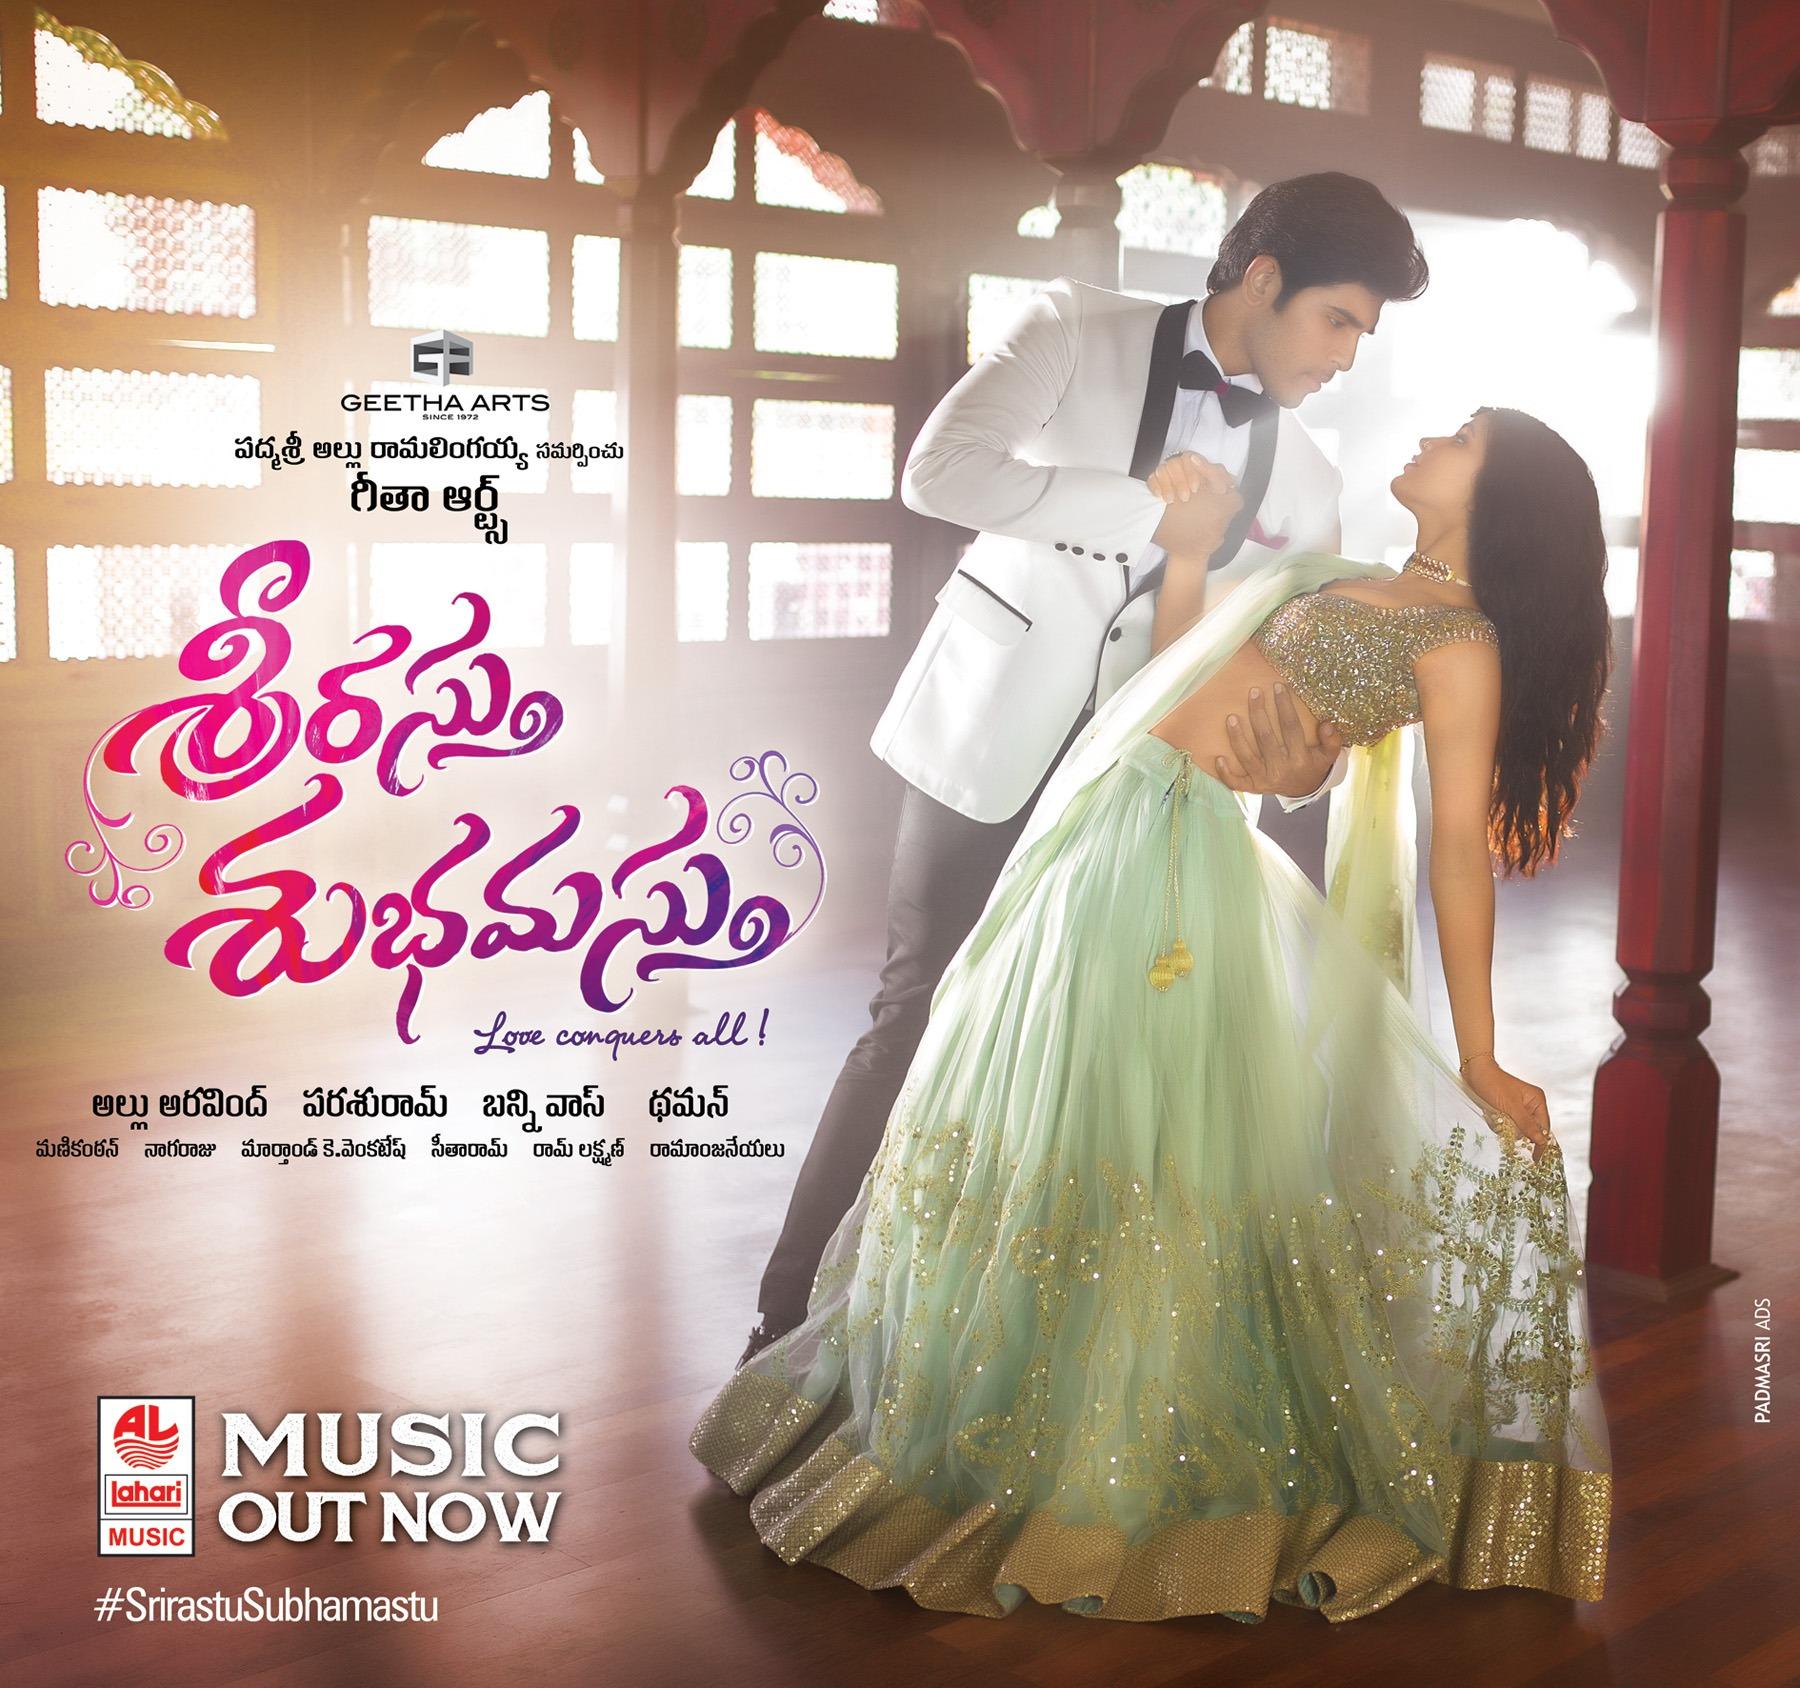 Srirastu Subhamastu Movie Review Telugu Movie Review